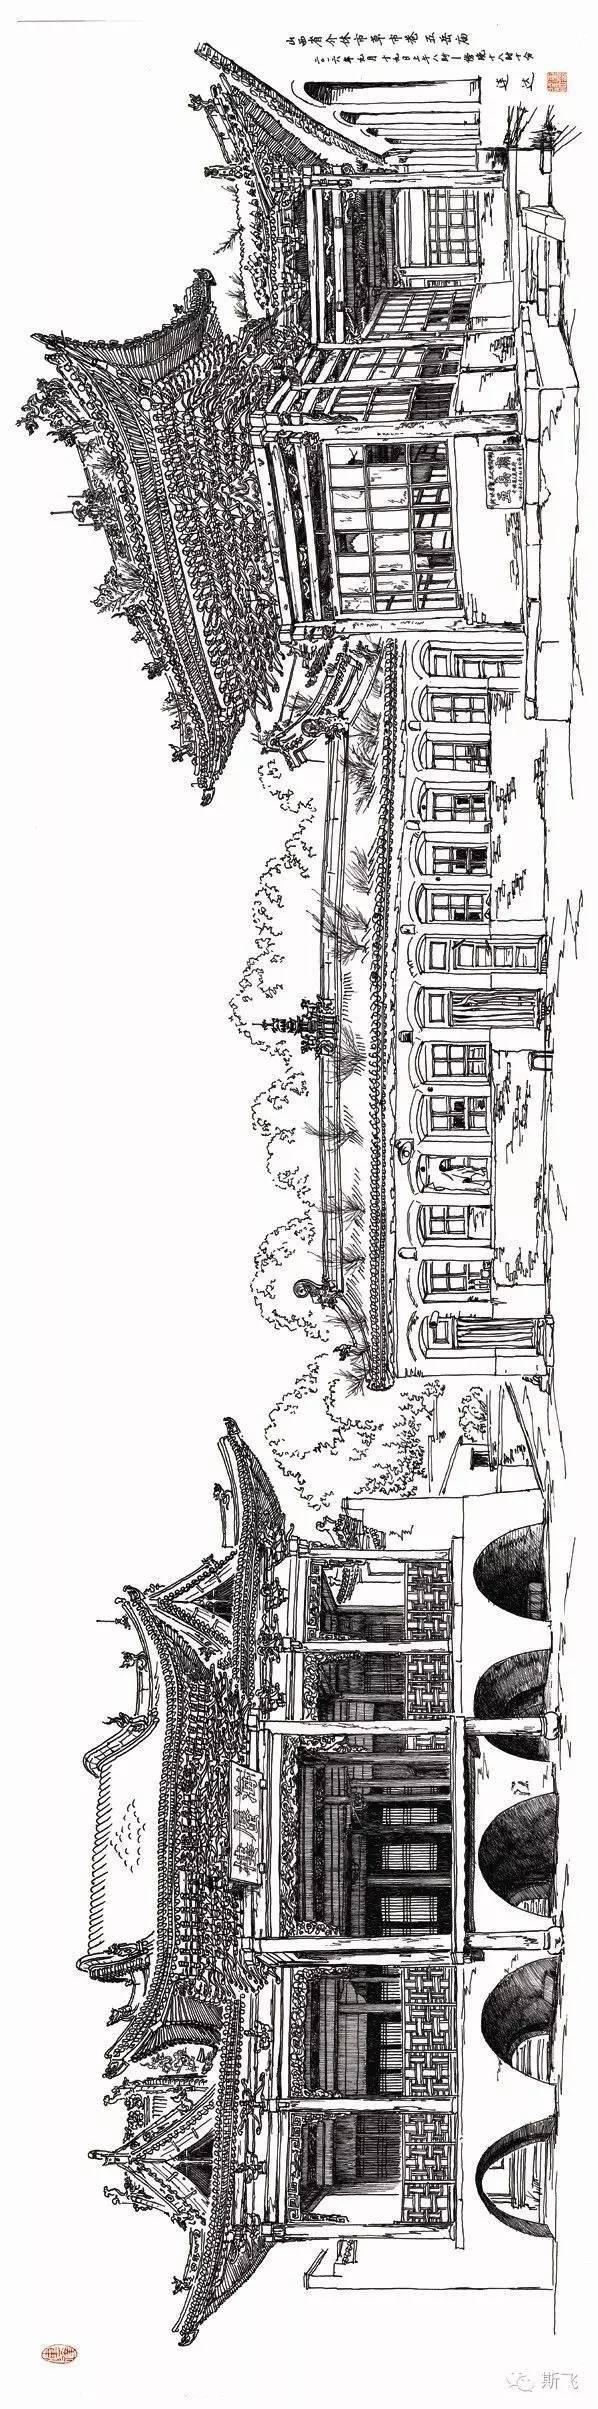 匠心妙笔 手绘视角的山西古建筑